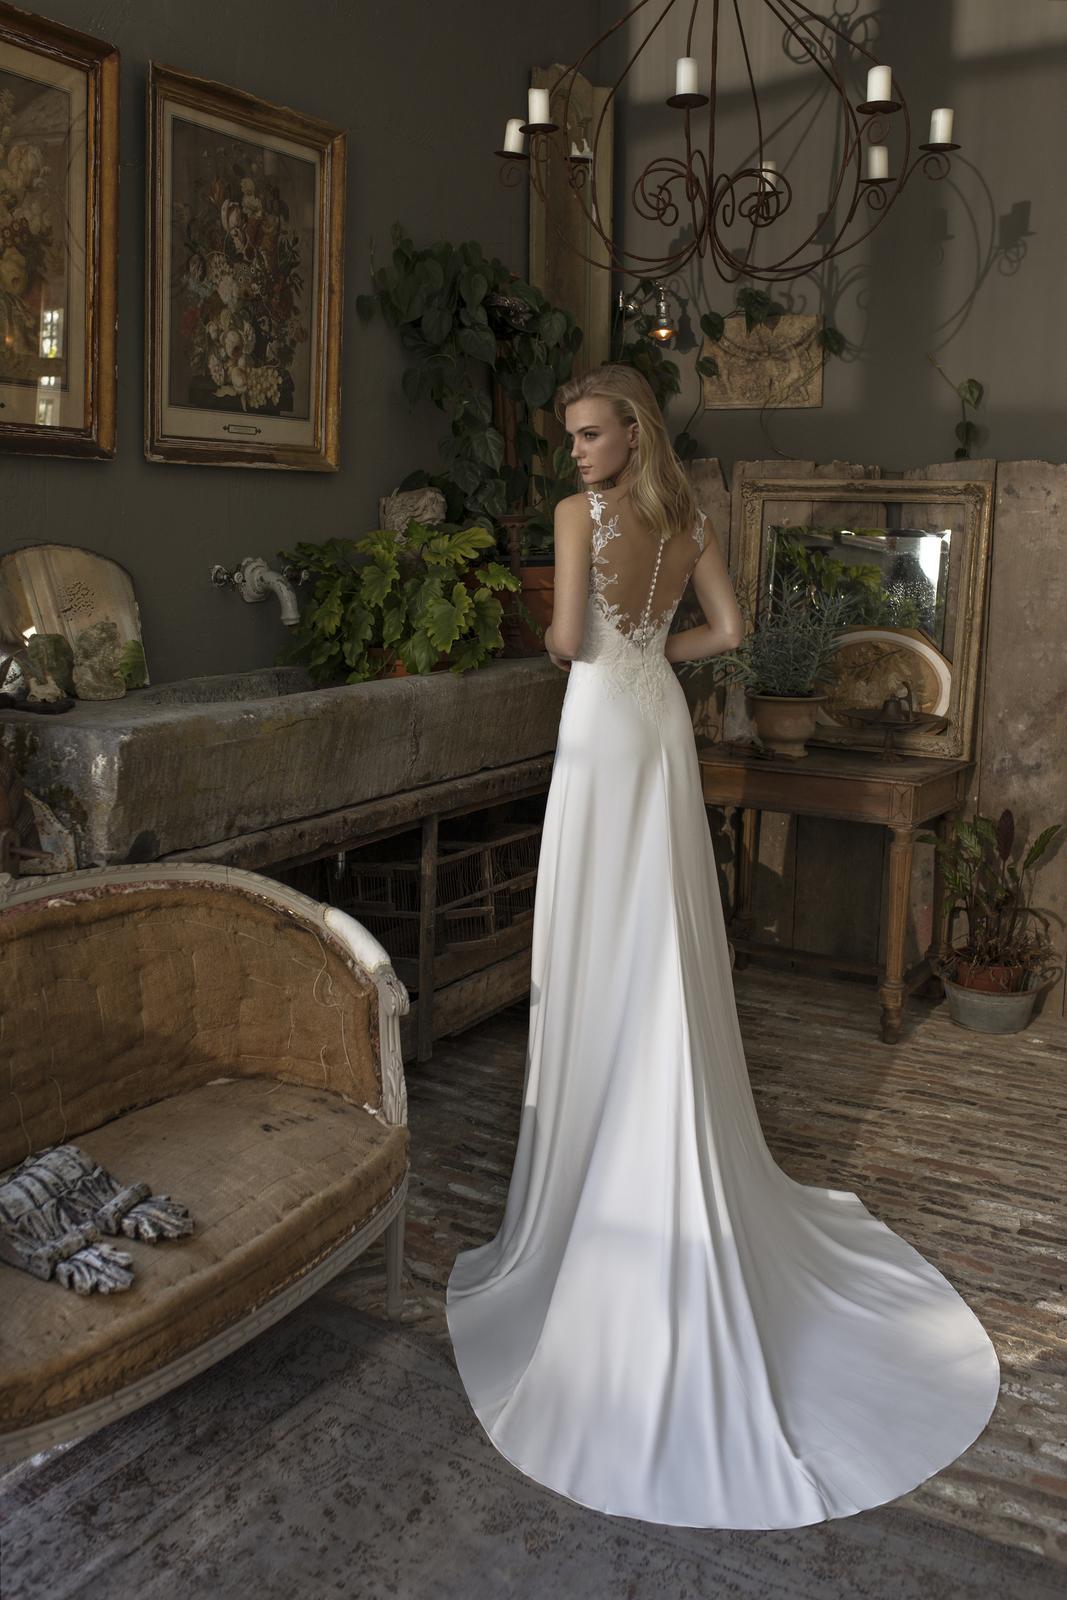 Romantická, elegantní, rebelka anebo bohémka? Jaký typ nevěsty jste vy? - Model Denver z kolekce Modeca 2019